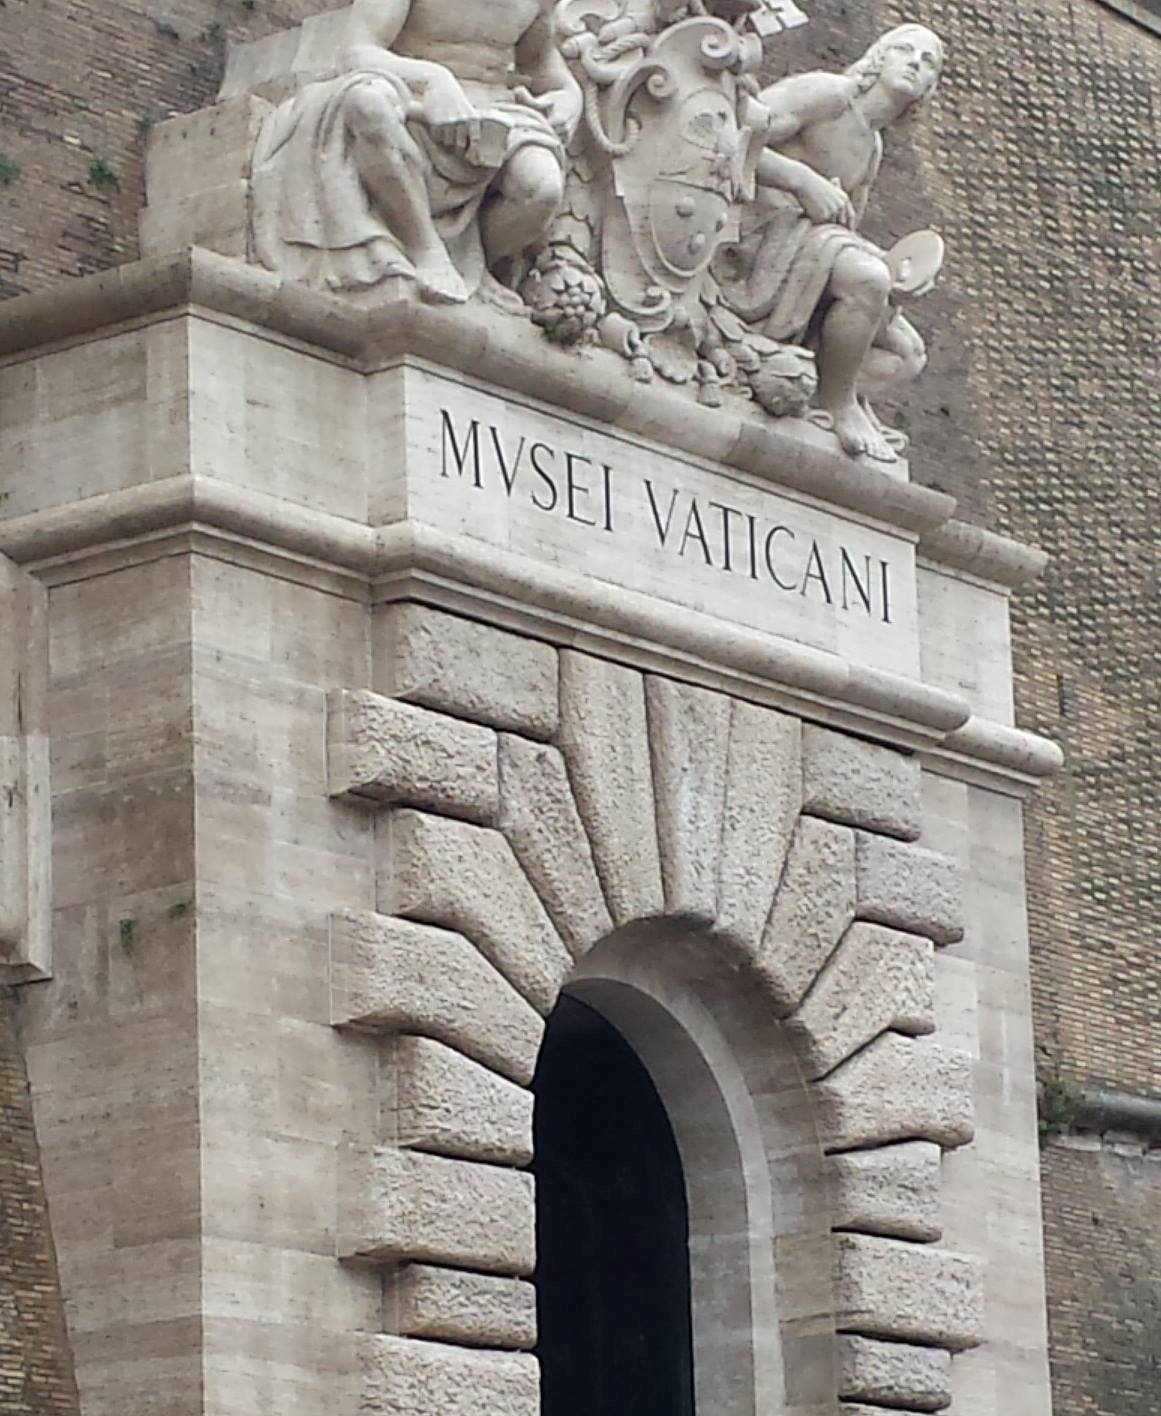 Museus do Vaticano e Capela Sistina